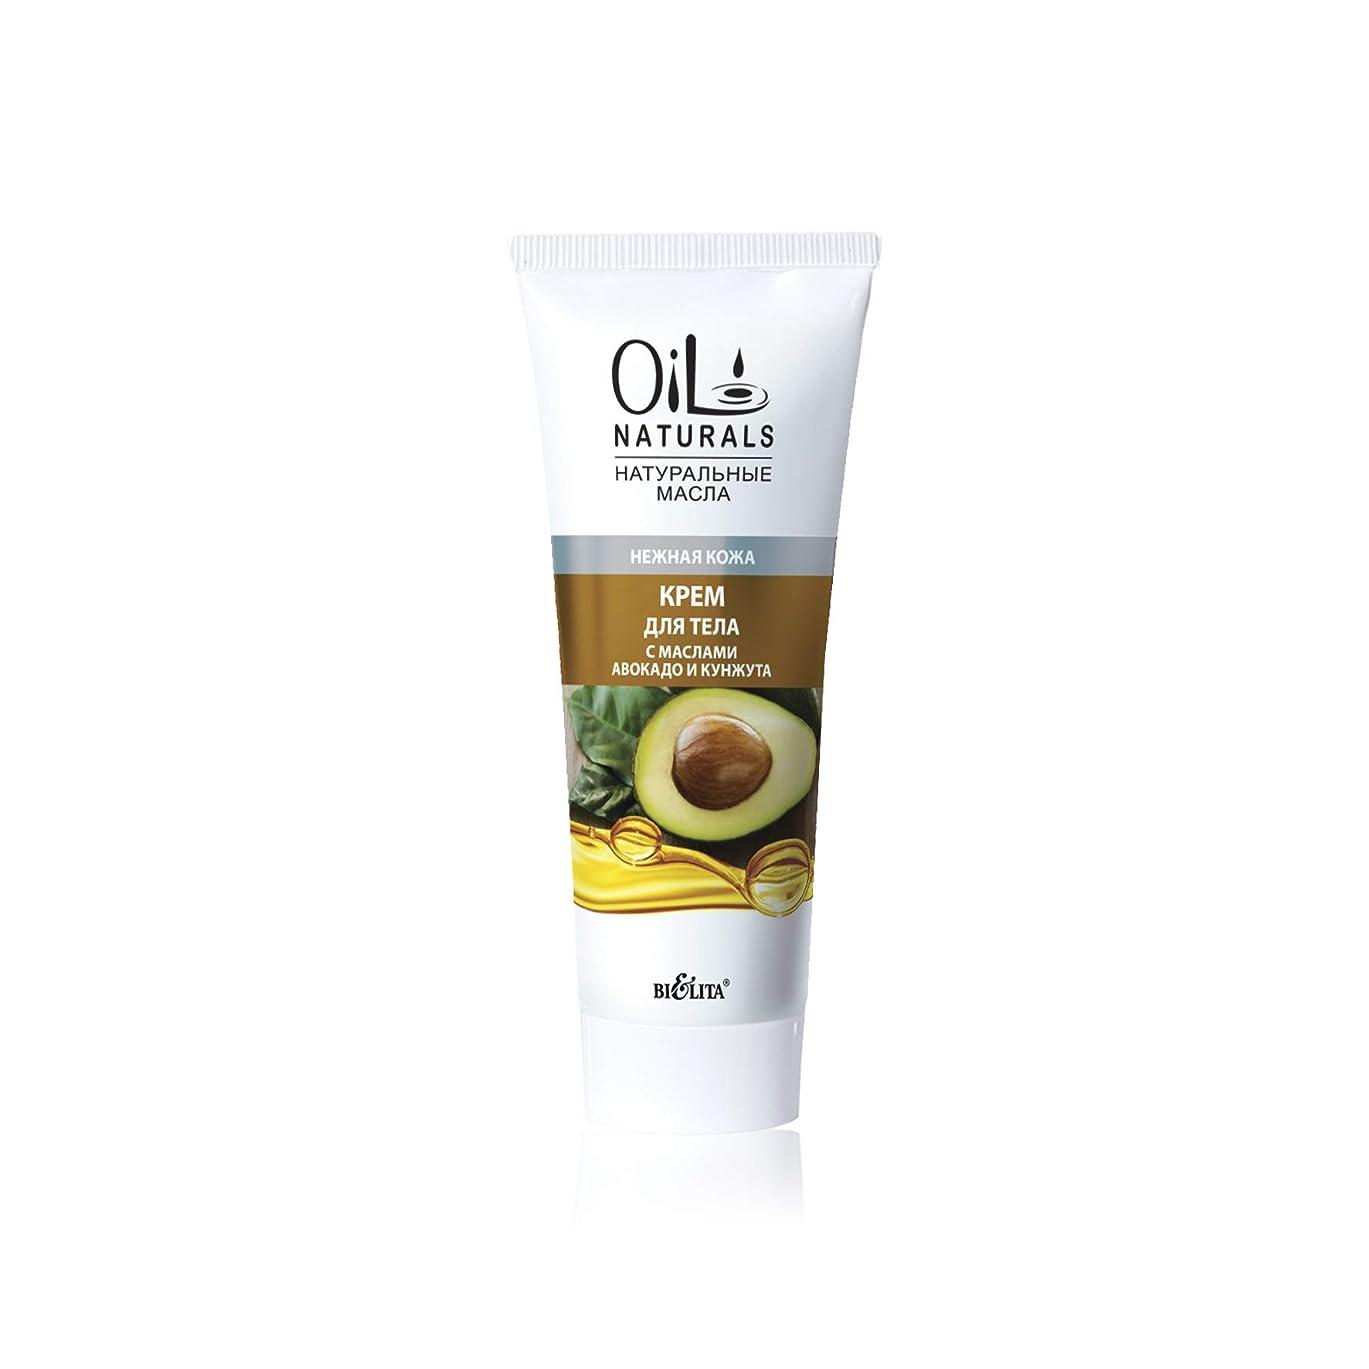 安いですギャングスター味わうBielita & Vitex | Oil Naturals Line | Moisturizing Body Cream for Delicate Skin, 200 ml | Avocado Oil, Silk Proteins, Sesame Oil, Vitamins